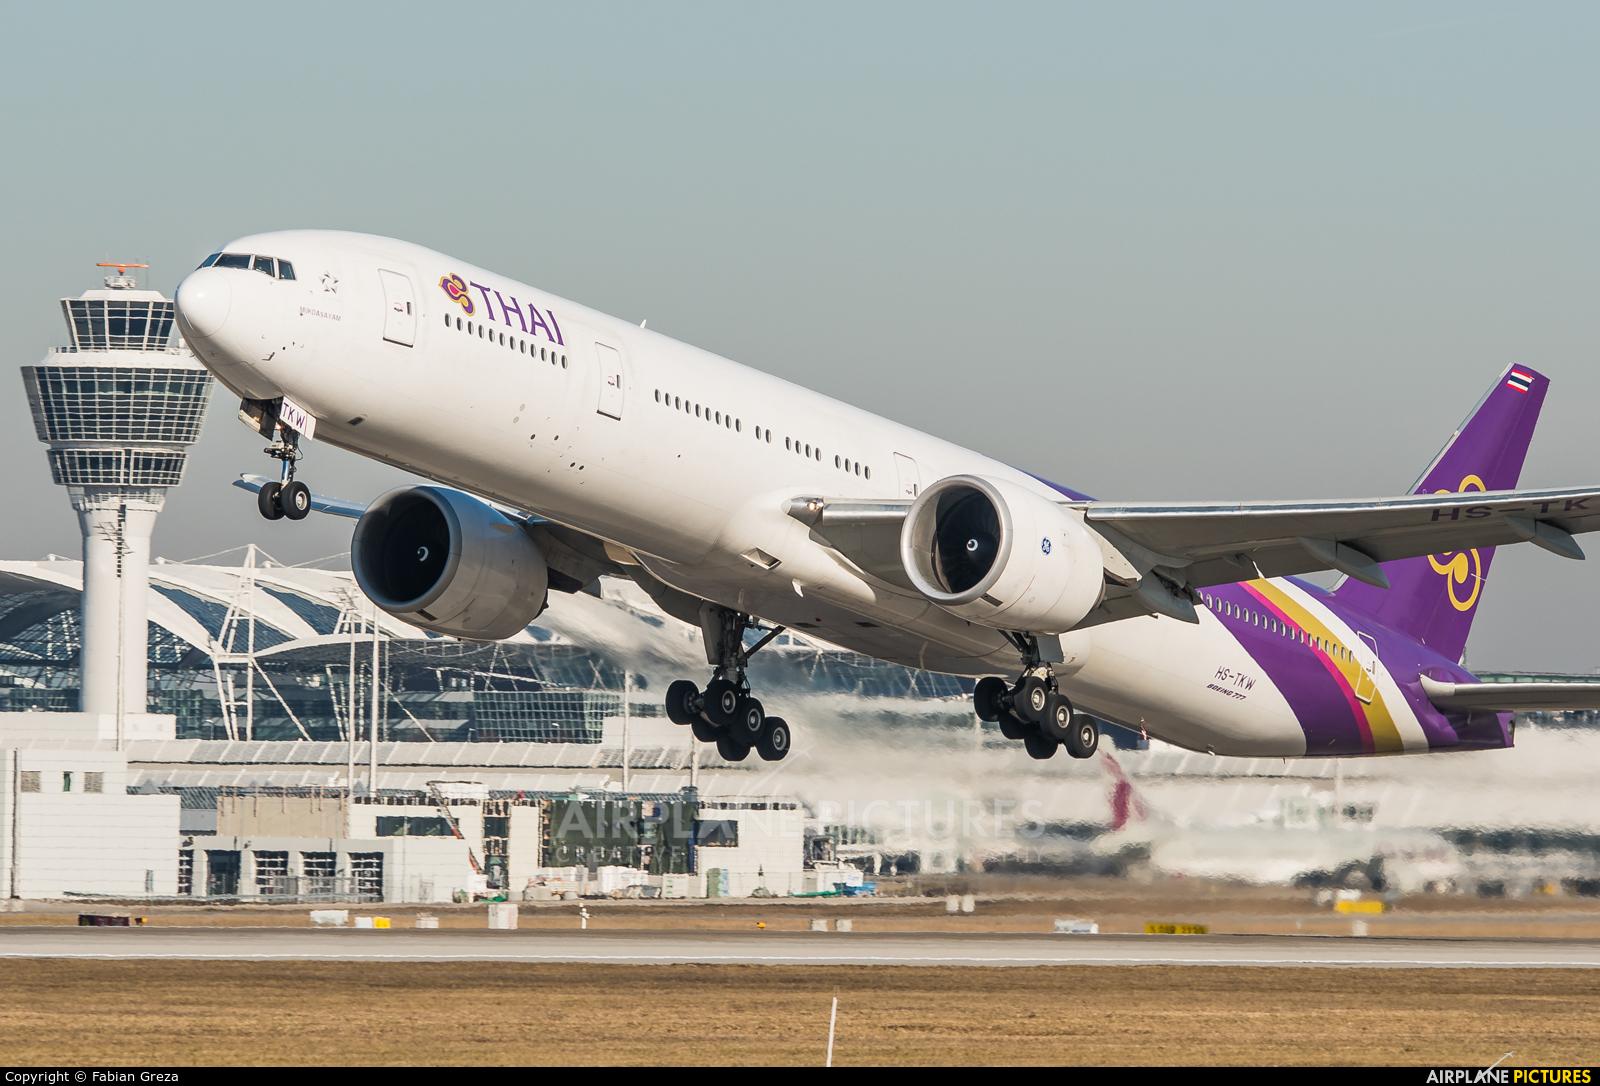 Thai Airways HS-TKW aircraft at Munich